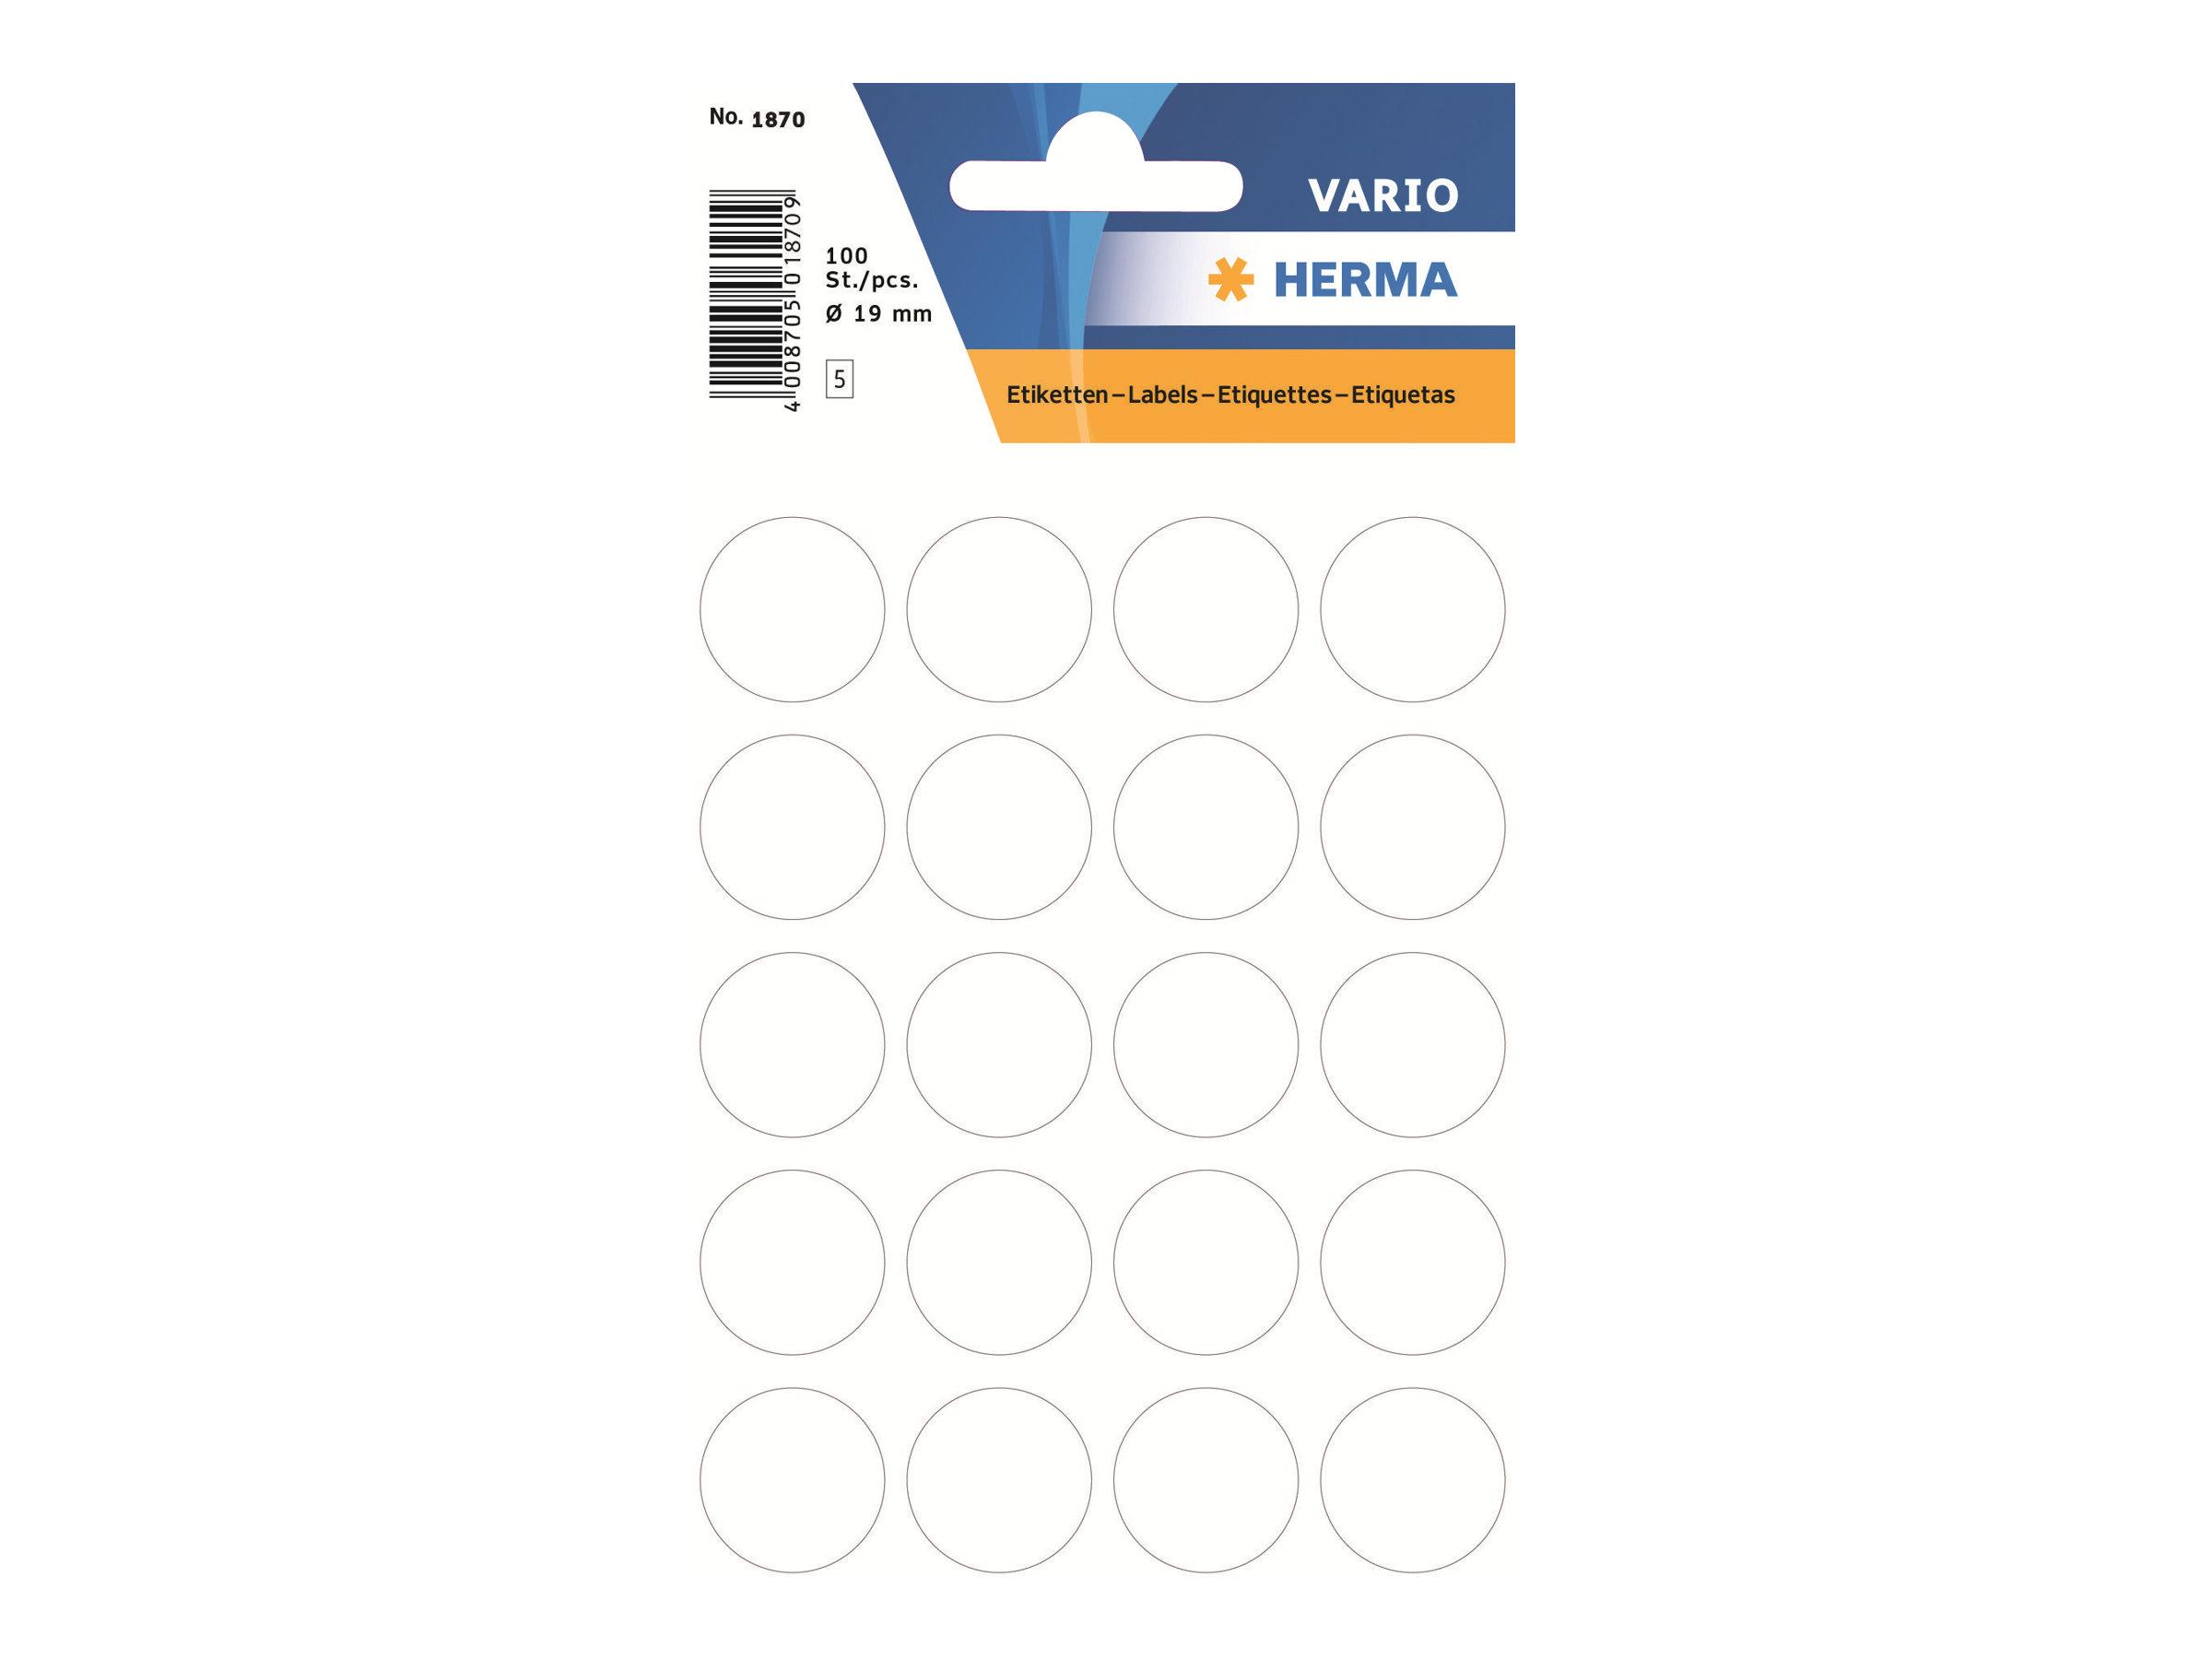 HERMA Papier - selbstklebend - weiß - 19 mm